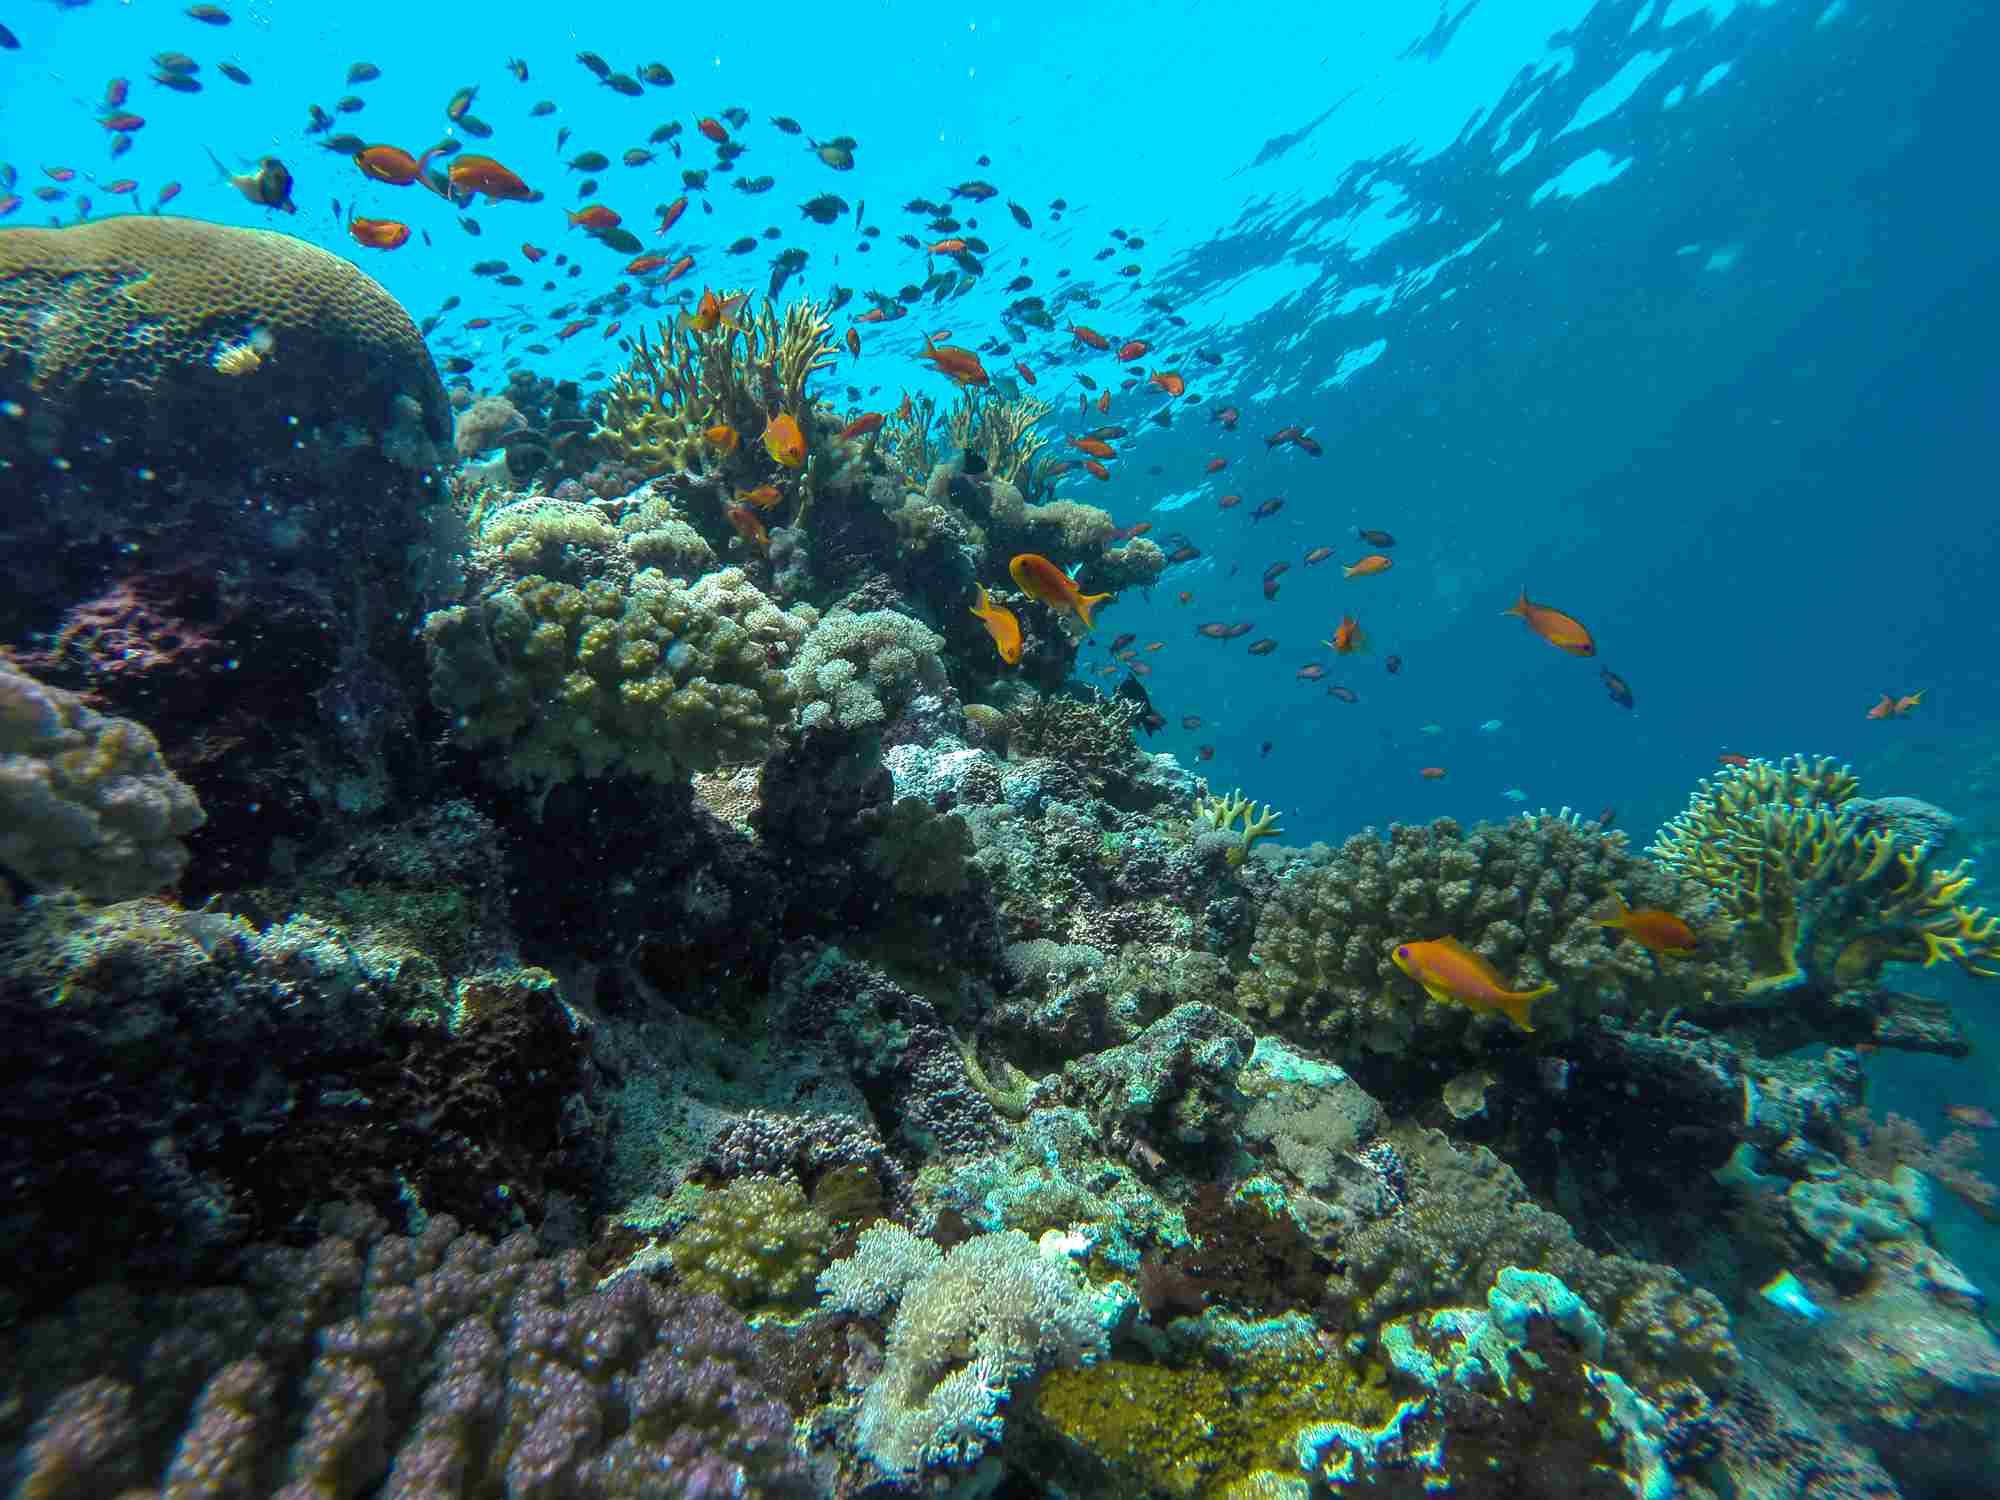 Saudi Red Sea Scuba Diving